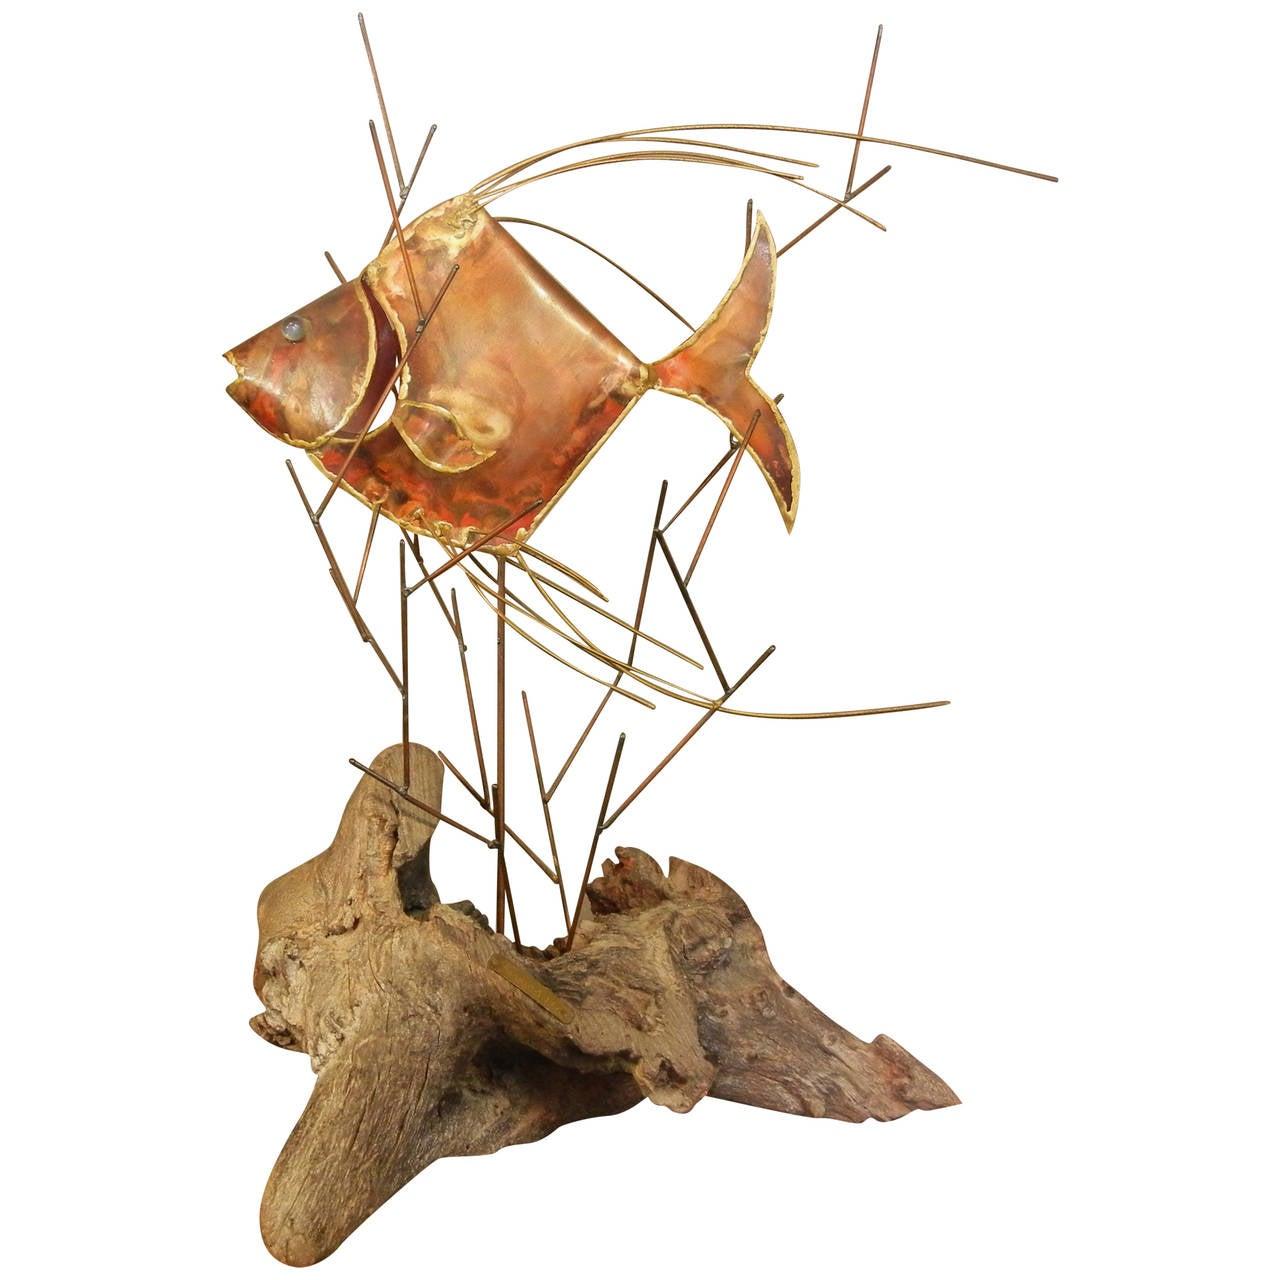 Vintage Copper Large Table-Top Fish Sculpture, Alex Kovacs, 1976 For Sale